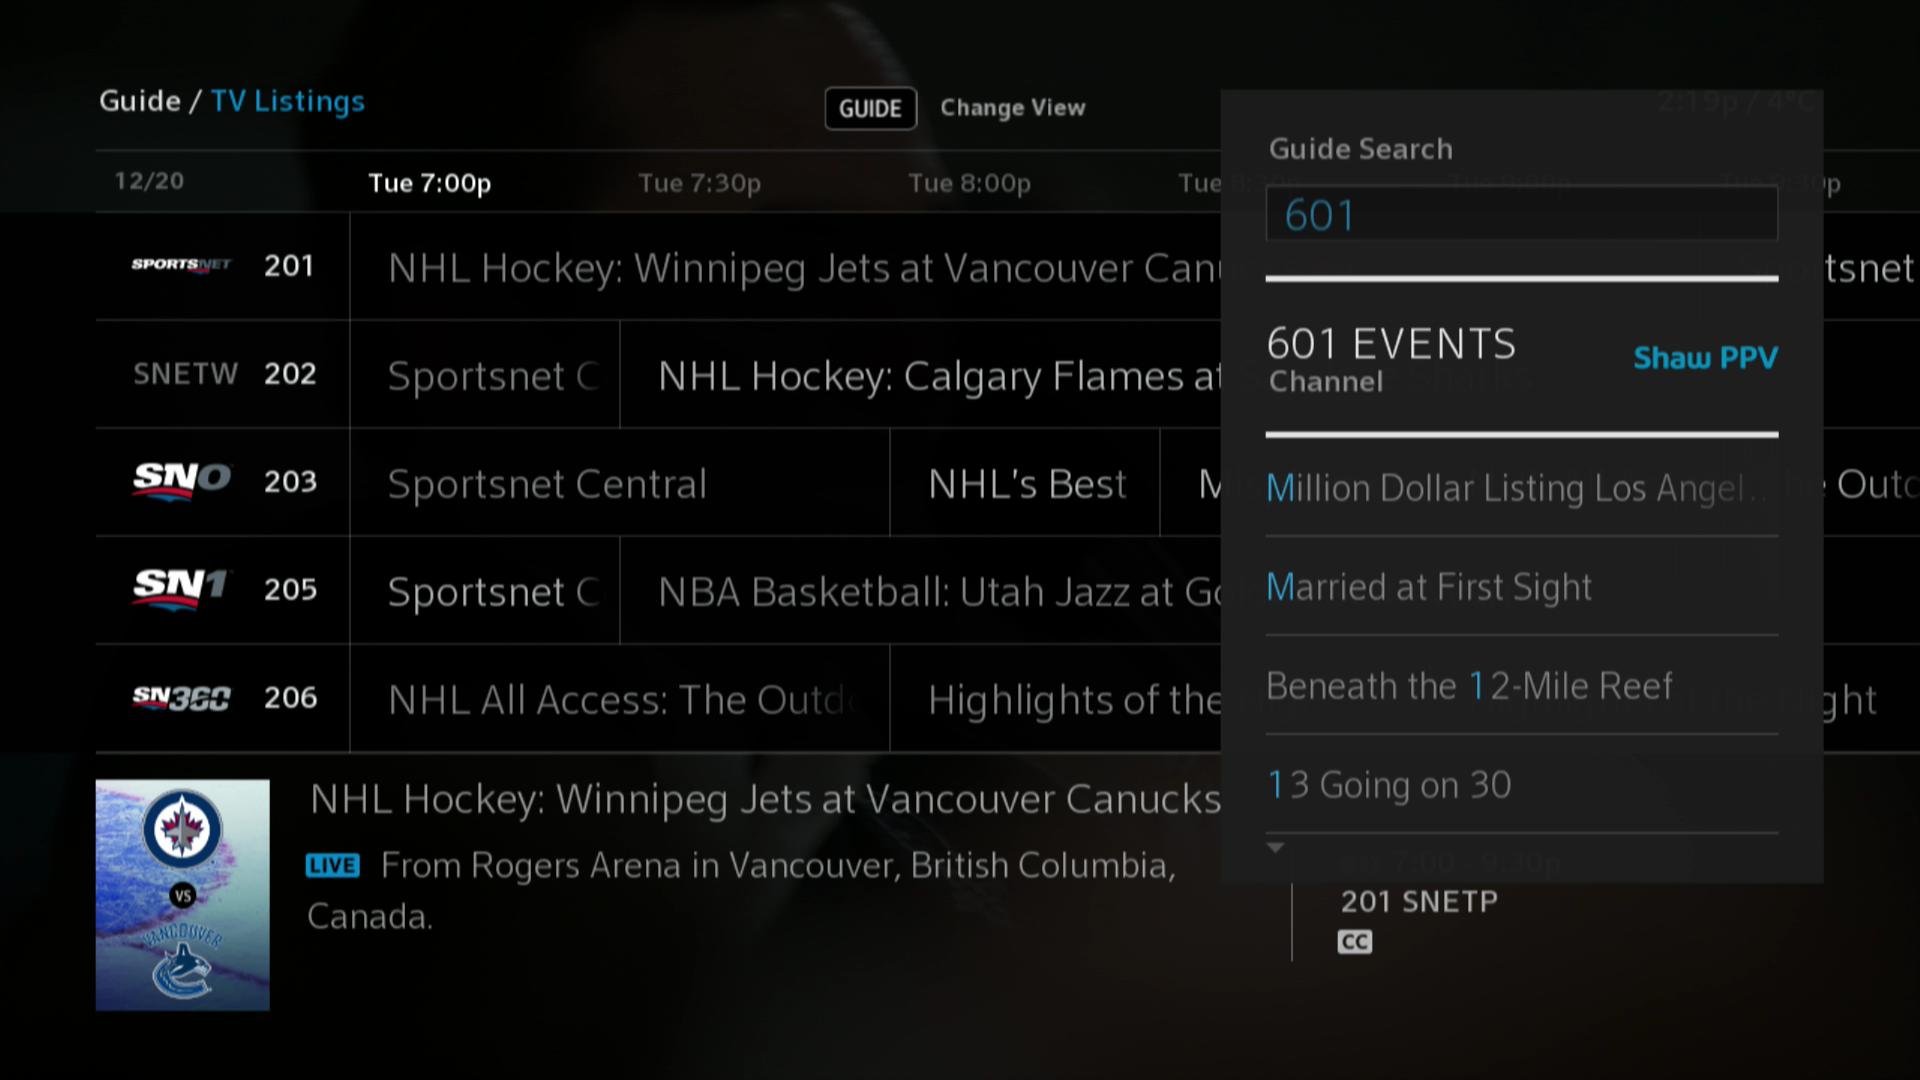 BlueSky TV > Guide Search